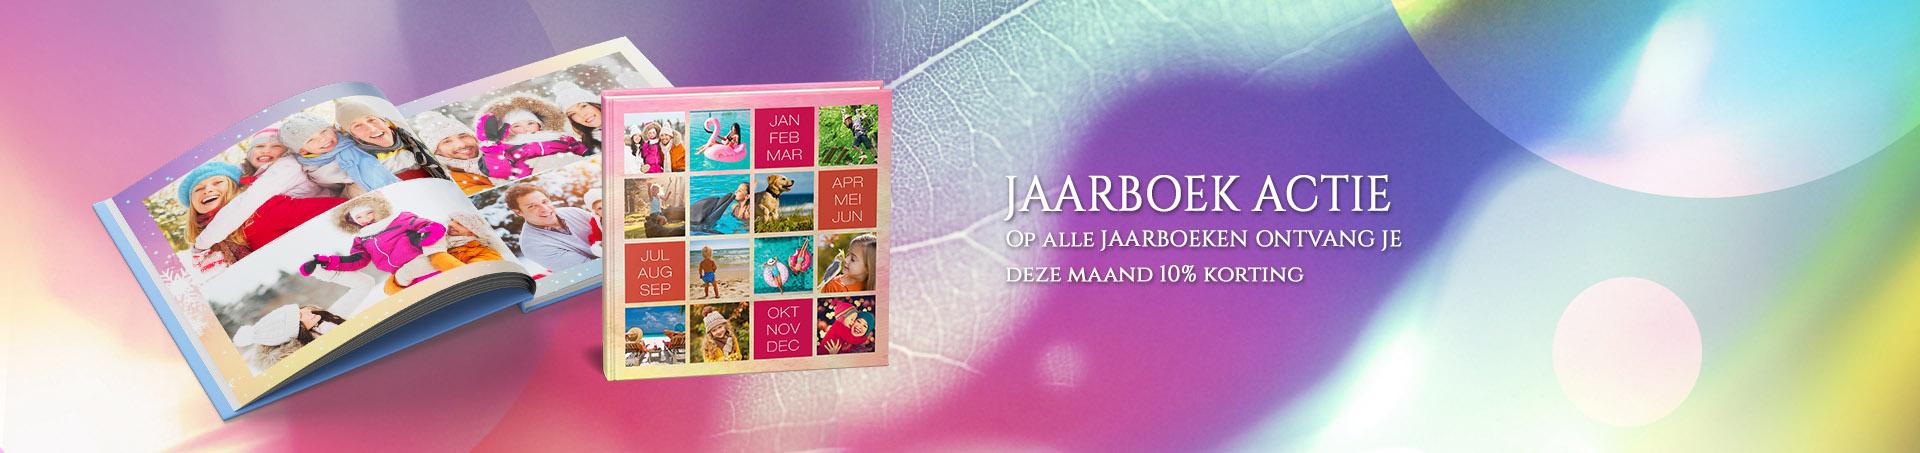 Jaarboek_201901